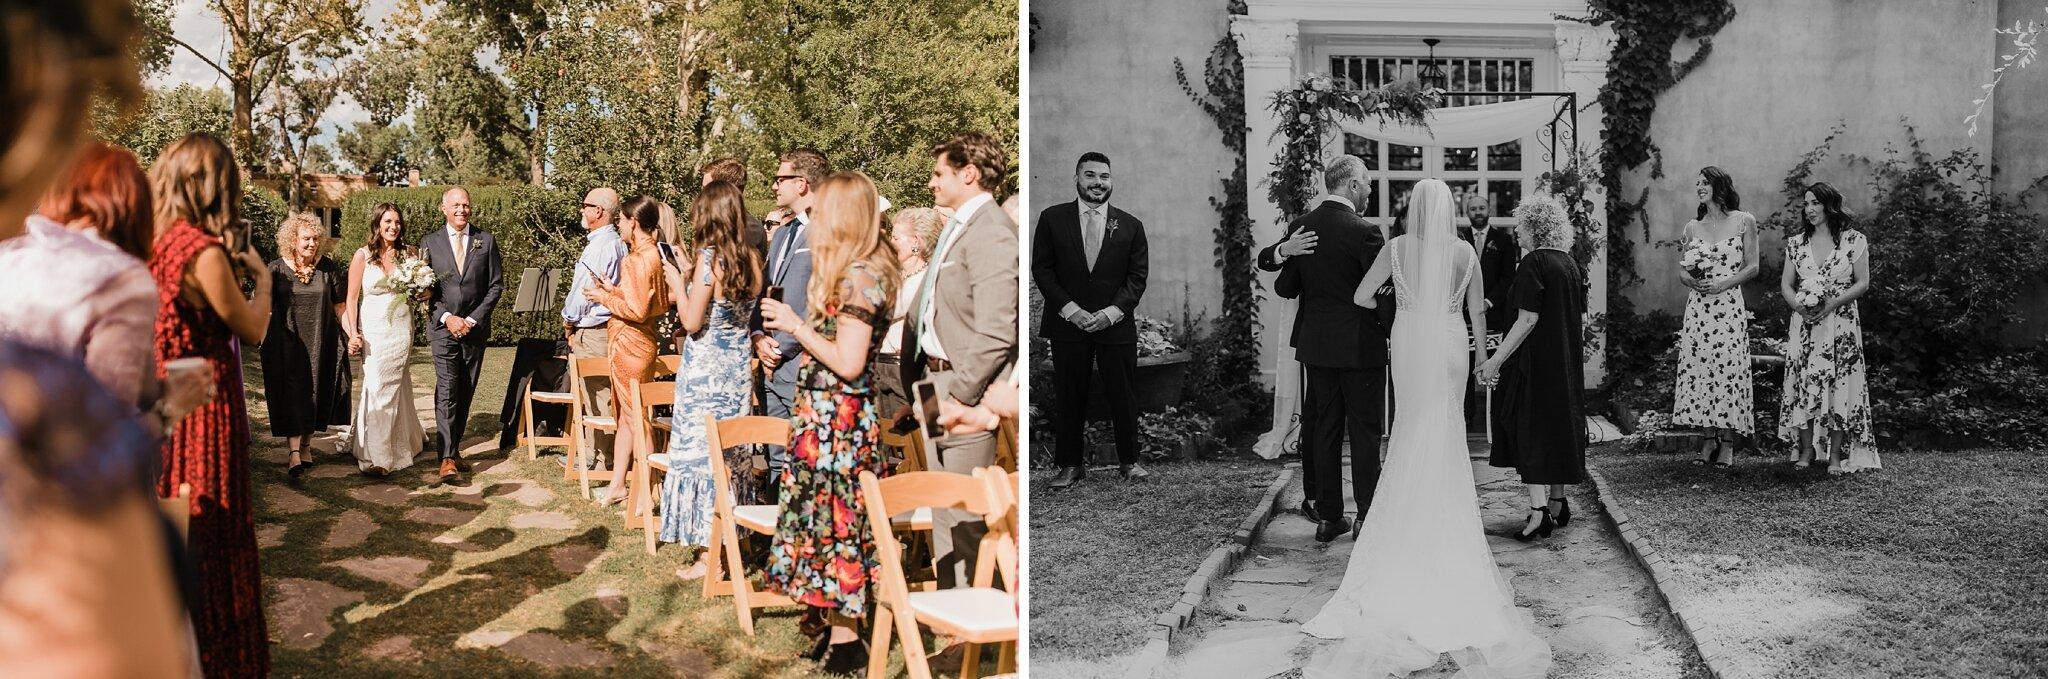 Alicia+lucia+photography+-+albuquerque+wedding+photographer+-+santa+fe+wedding+photography+-+new+mexico+wedding+photographer+-+new+mexico+wedding+-+wedding+-+albuquerque+wedding+-+los+poblanos+-+los+poblanos+wedding+-+fall+wedding_0051.jpg